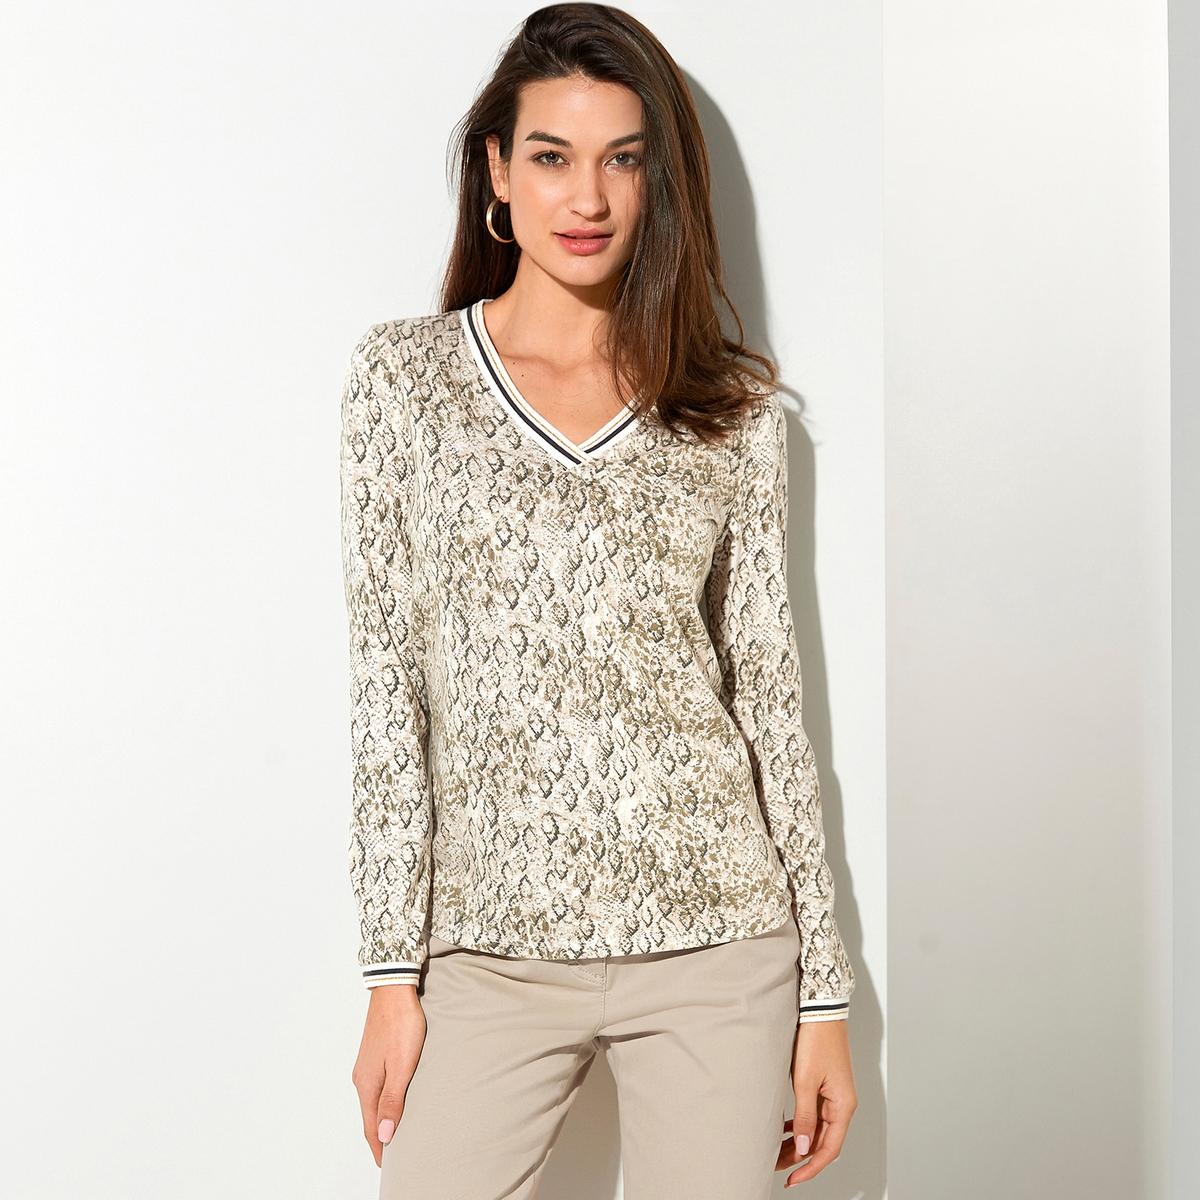 Imagen secundaria de producto de Camiseta con cuello de pico, de algodón y modal - Anne weyburn